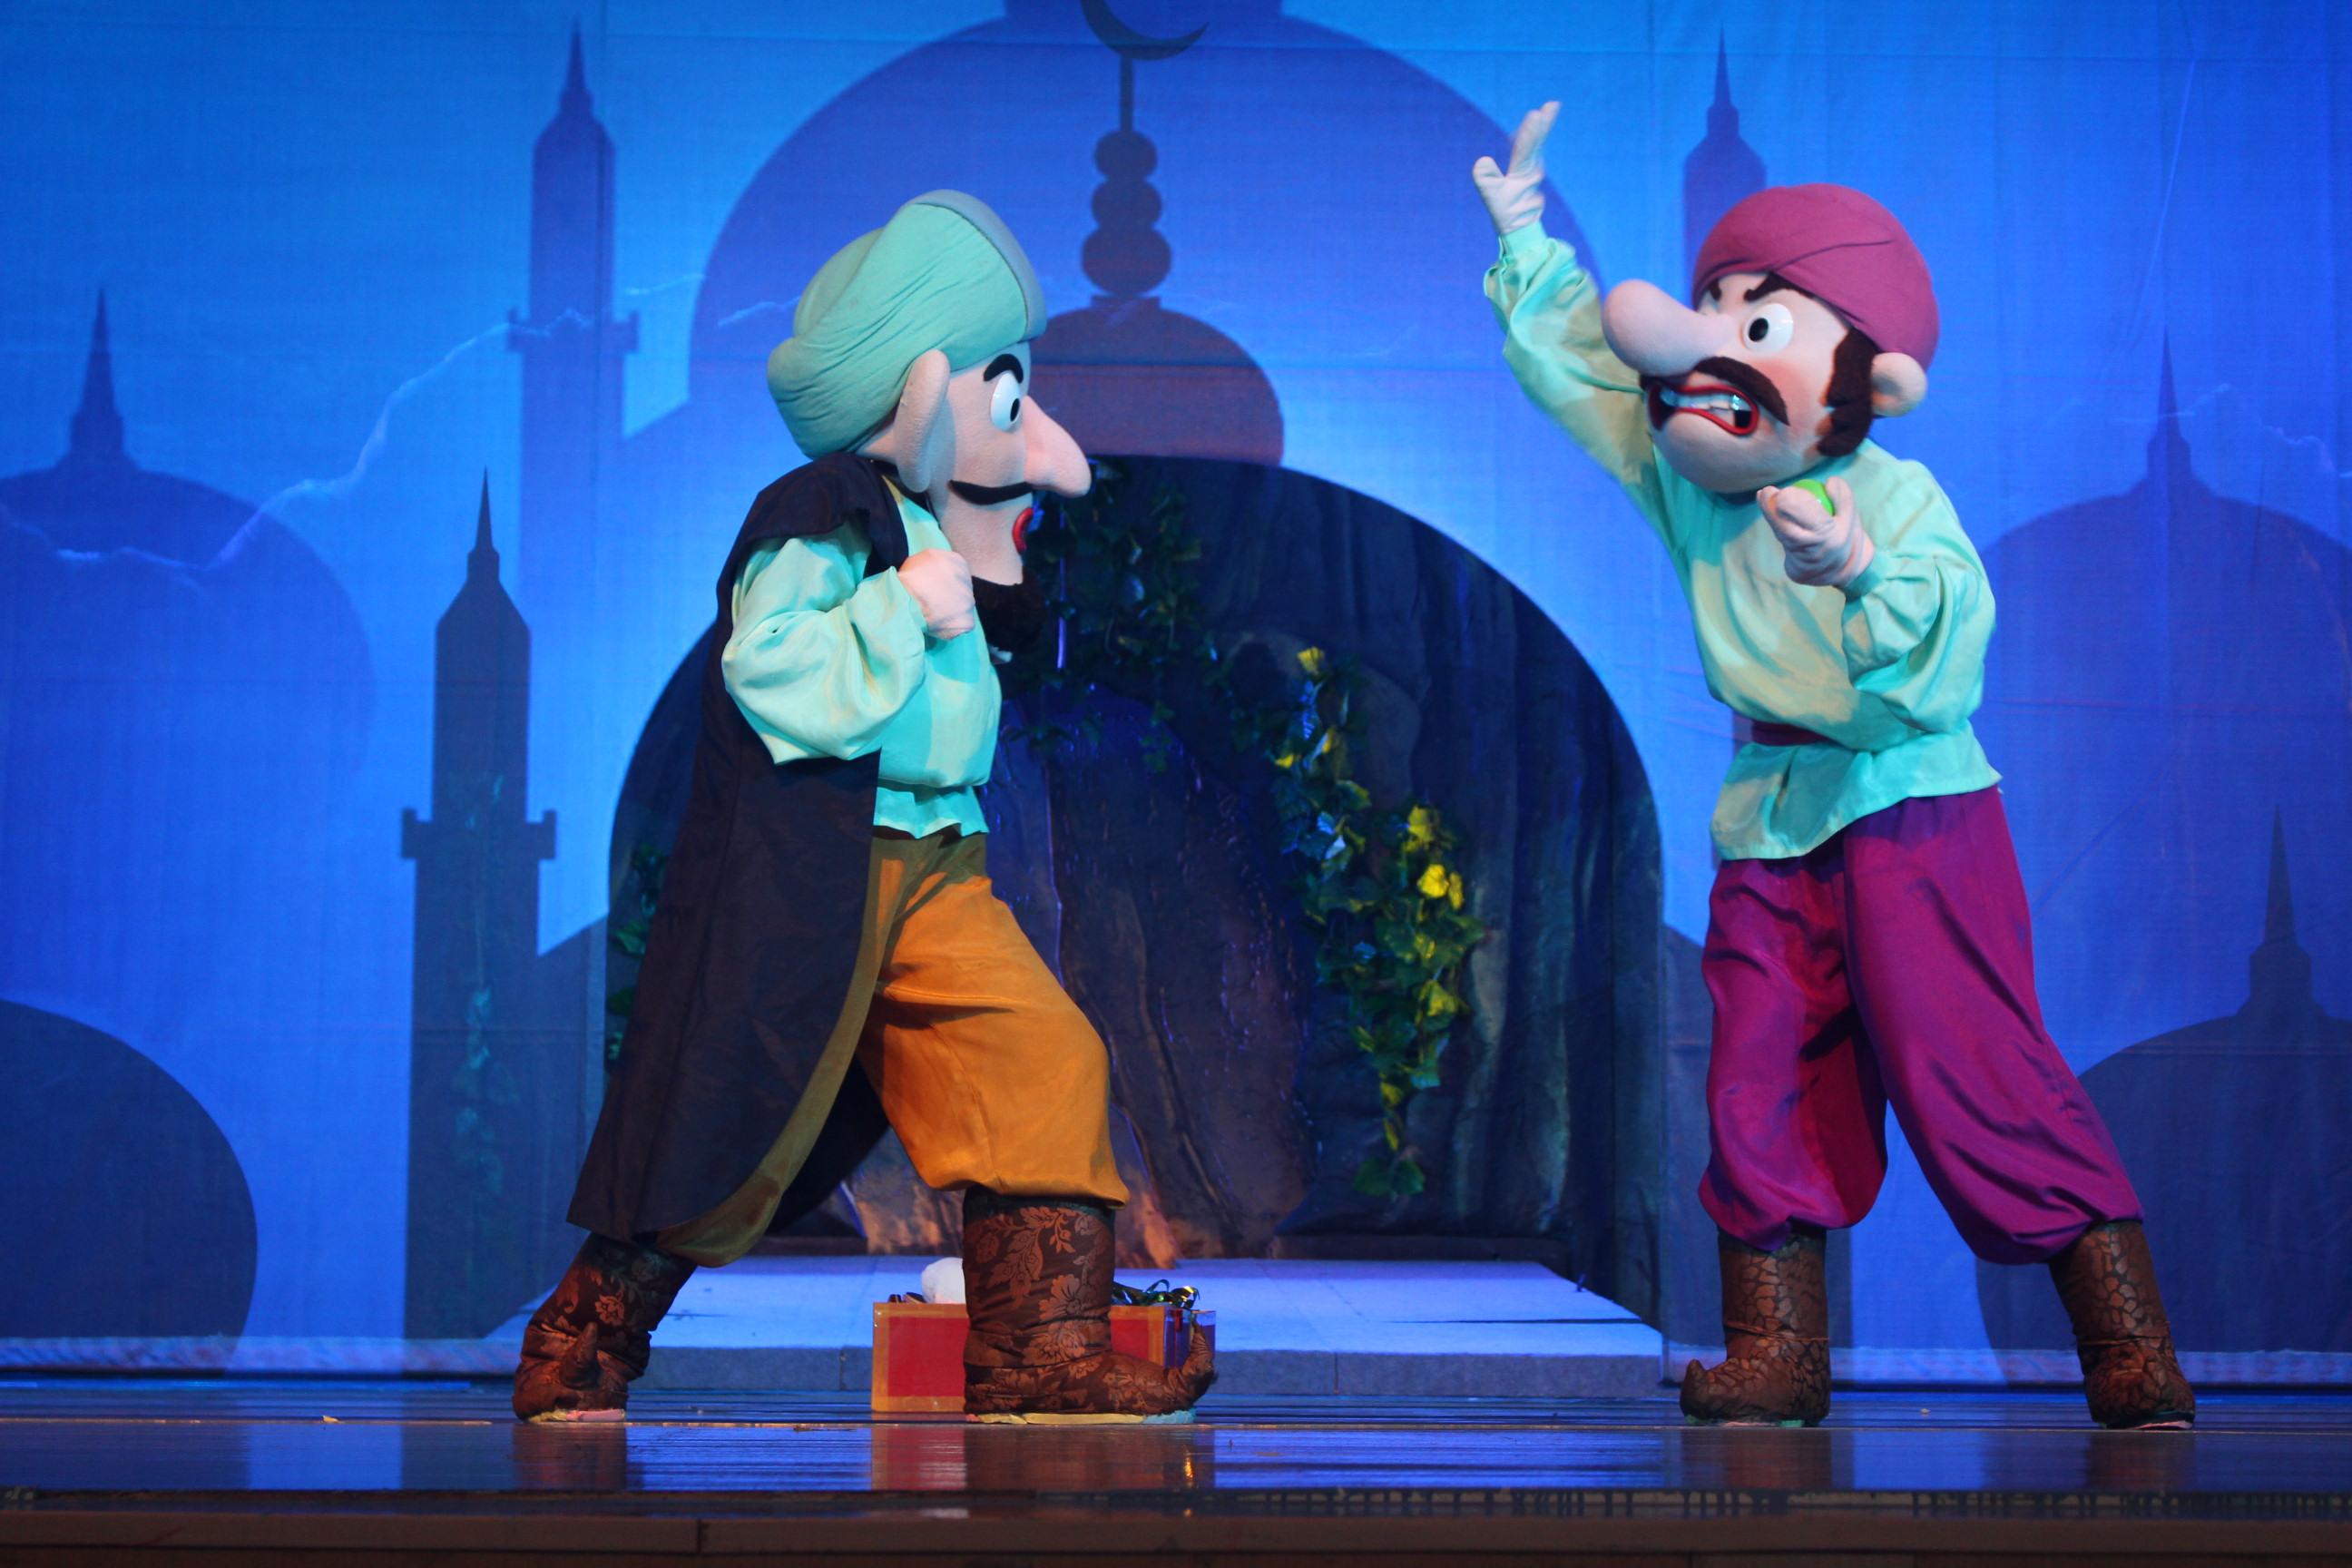 无锡动物园·太湖欢乐园舞台剧阿里巴巴与四十大盗